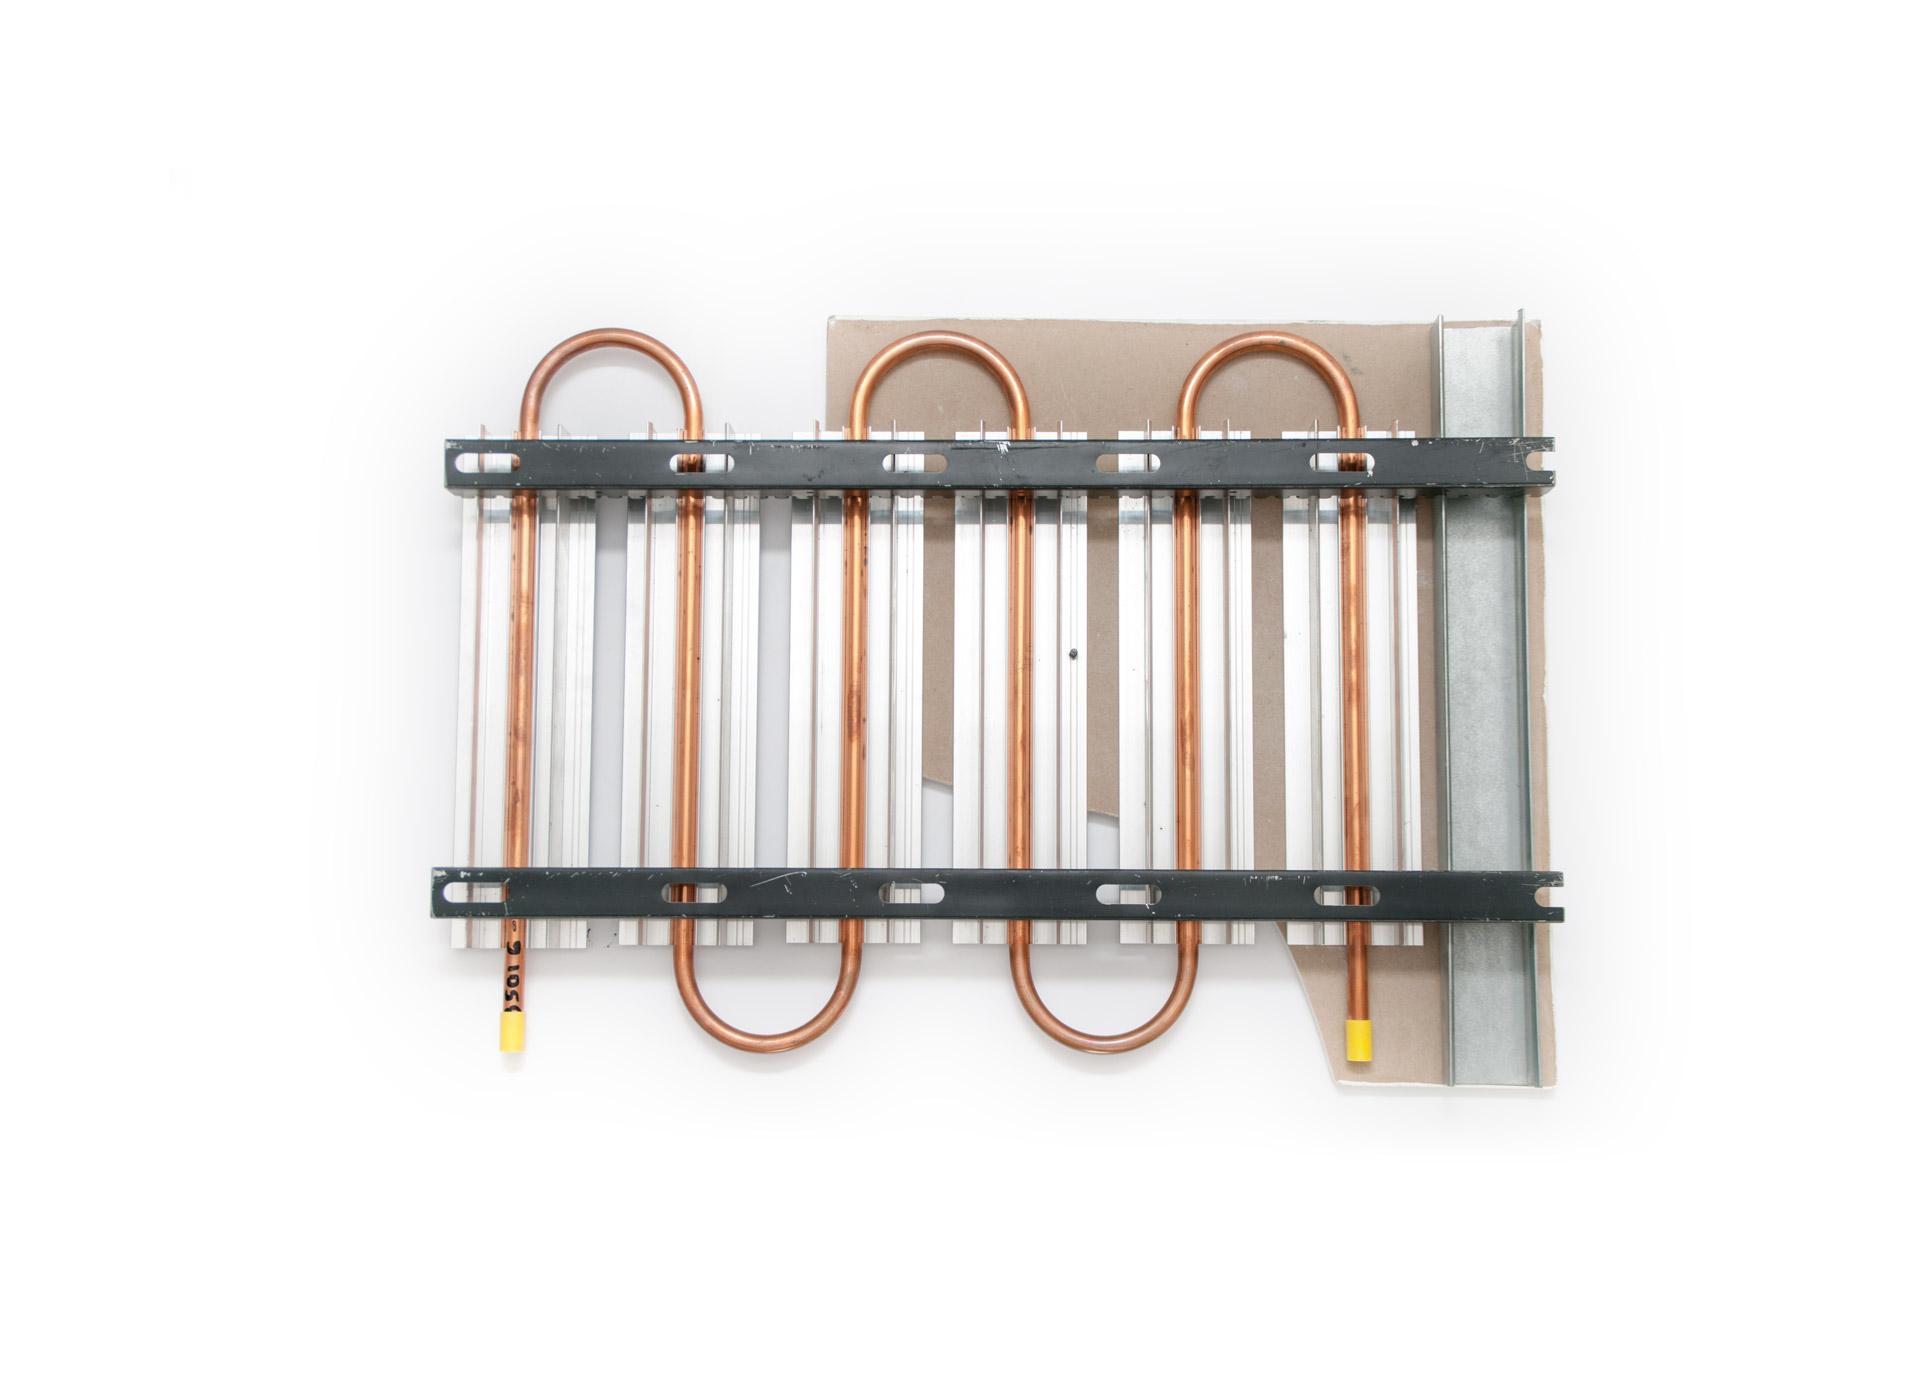 geschlossen-Kuehldecke-system-syscotec-eggenfelden-cool-systems-02